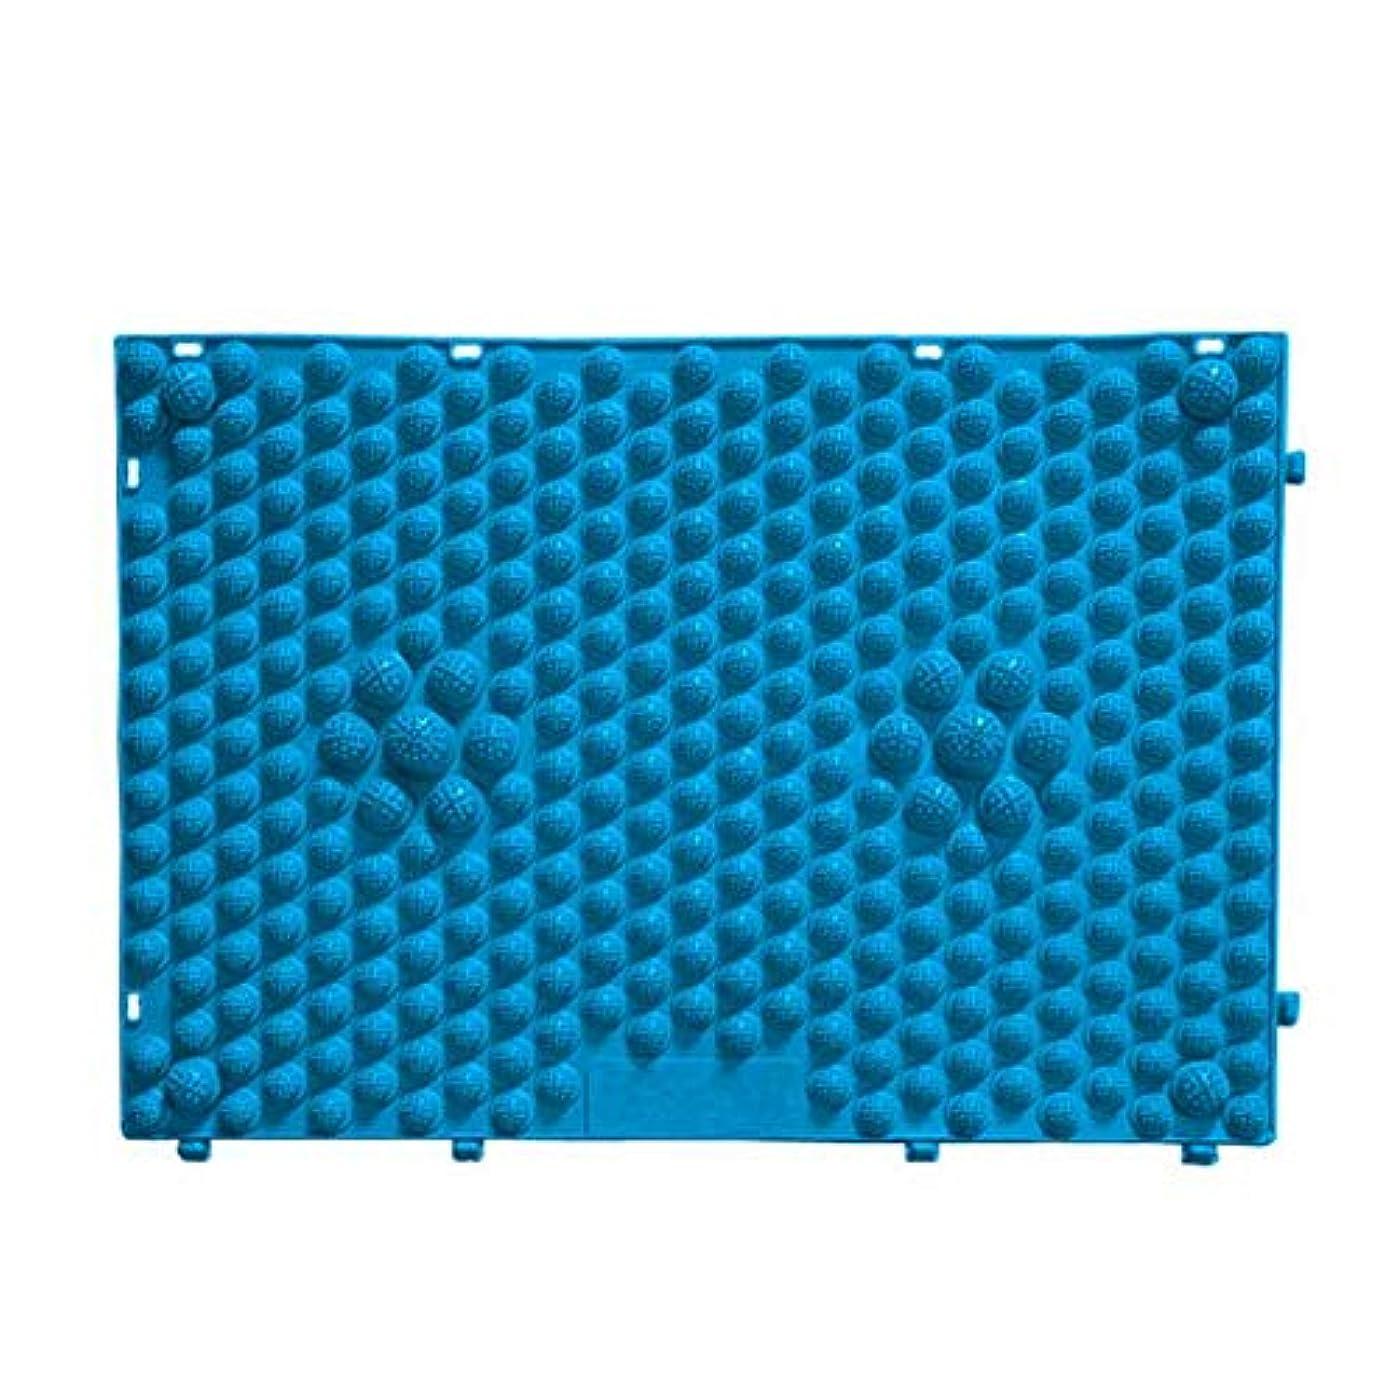 シンカンマイコンパノラマFOREVER YOUNG マッサージシート フットマッサージマット フットマッサージ ウォーキングマット 足踏みマッサージ 足つぼ マット 足裏マット 組合せ 60*40cm (ブルー)